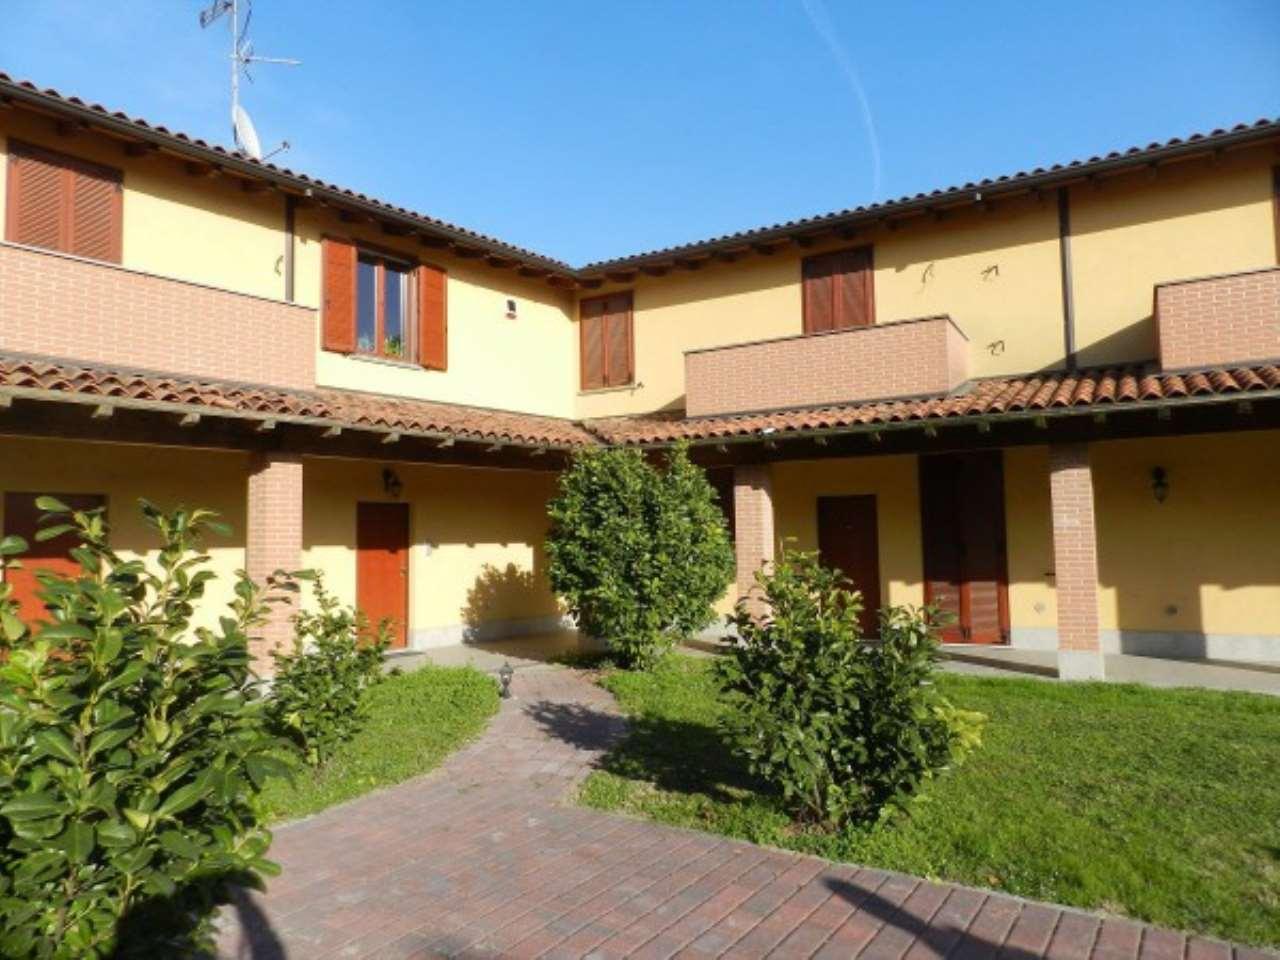 Villa a Schiera in vendita a San Martino Siccomario, 3 locali, prezzo € 160.000 | CambioCasa.it